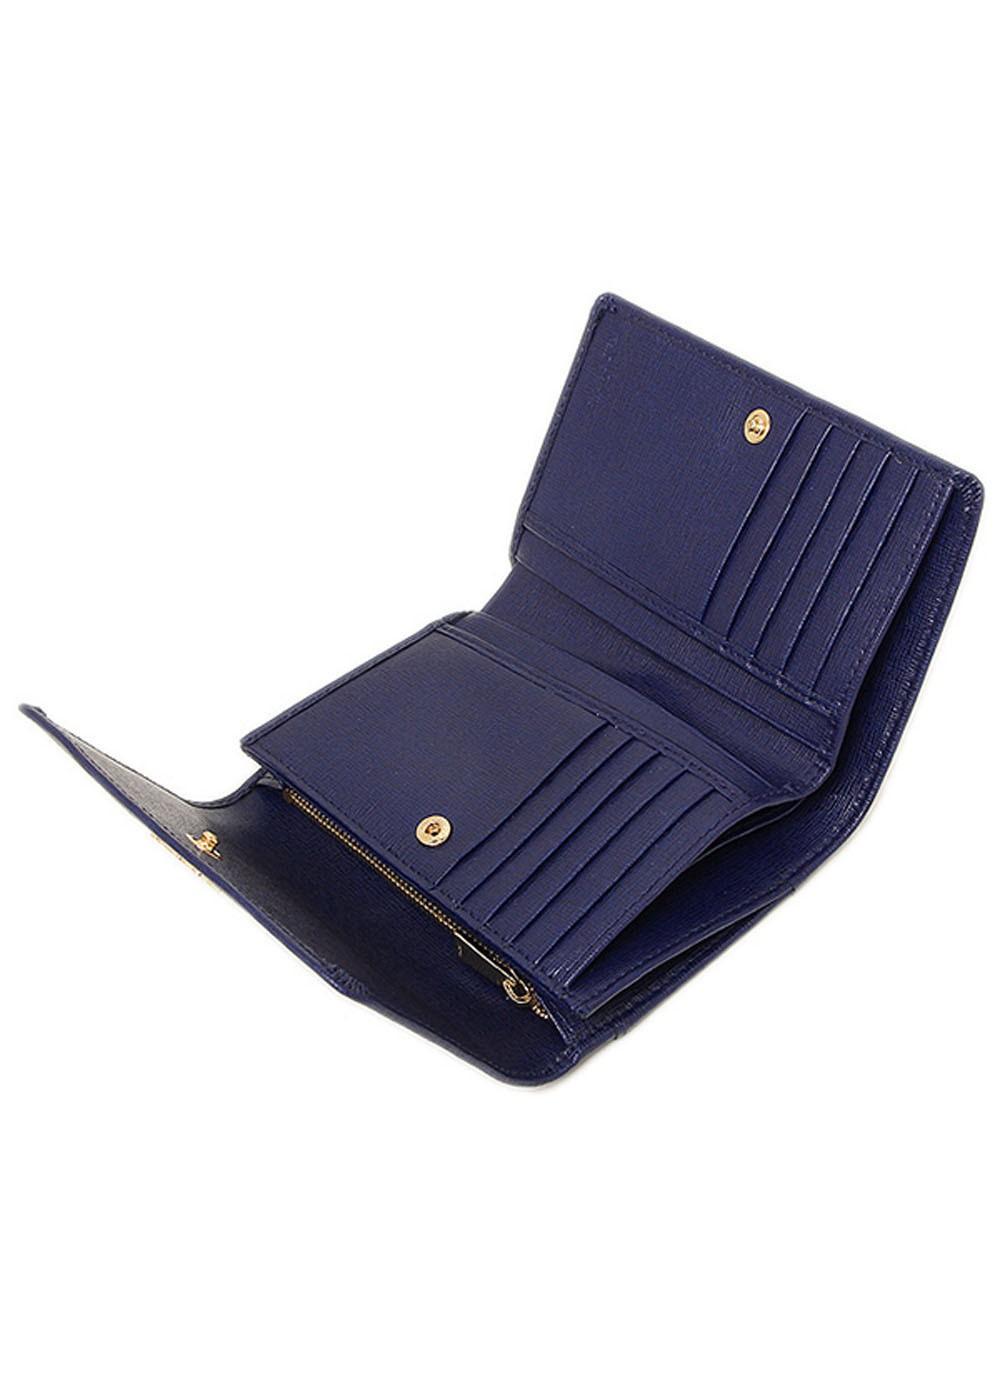 63161c675a9e 【最大57%OFF】トライフォールド ウォレット ジップ型二つ折り財布|NAVY ...